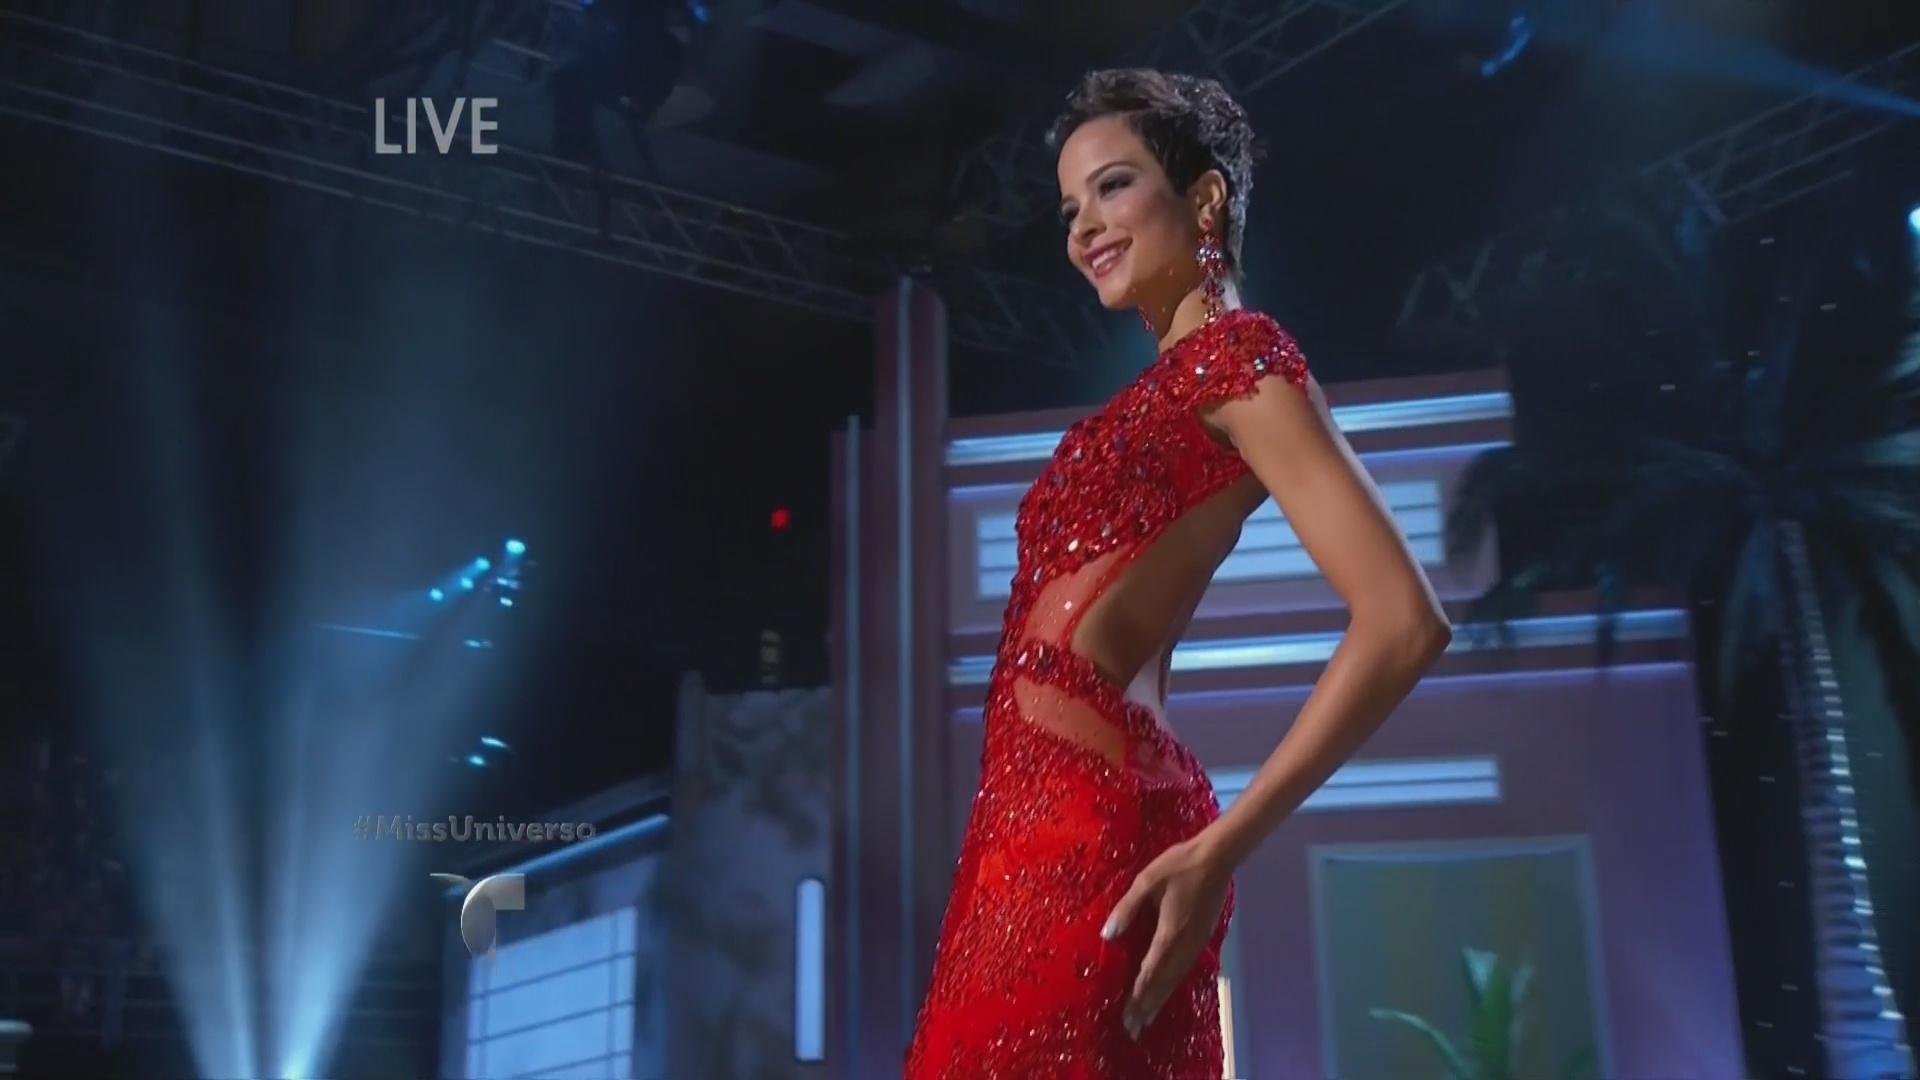 df1f79fb6 Las 10 preferidas desfilan en vestido de gala (VIDEO)